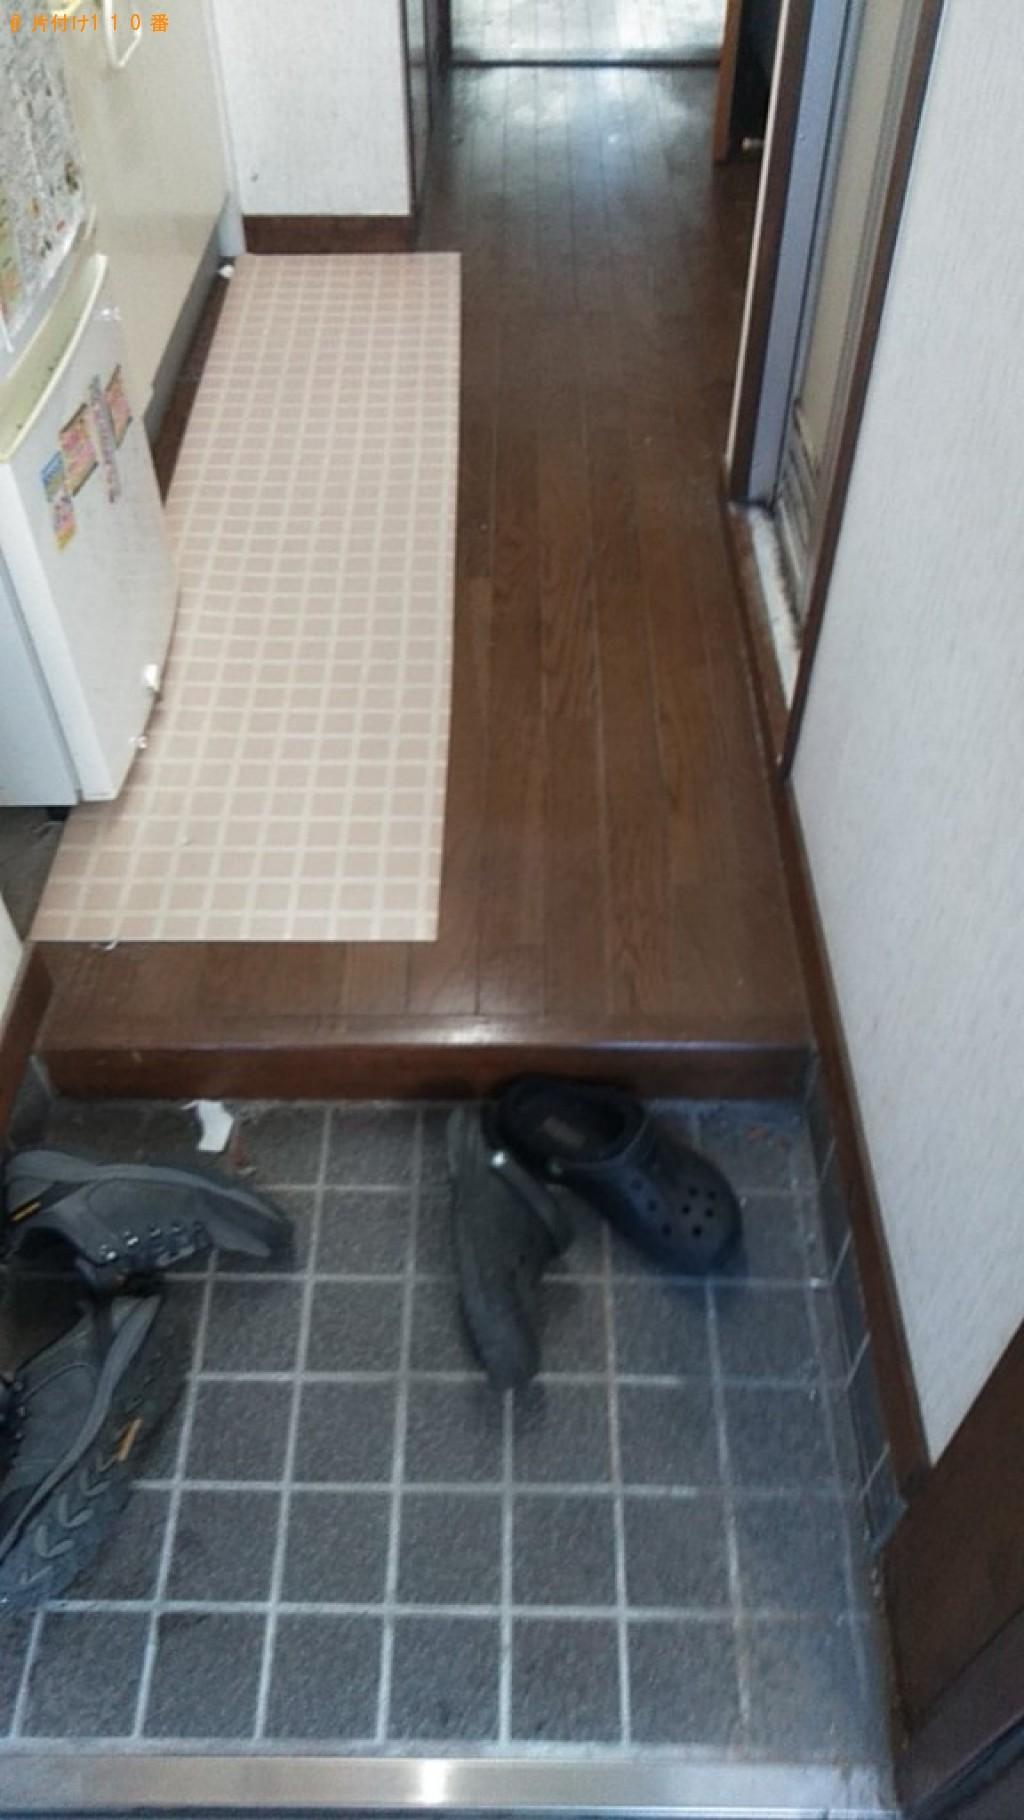 【西条市】遺品整理に伴い室内物干し、釣り竿、長靴、一般ごみ等の回収・処分